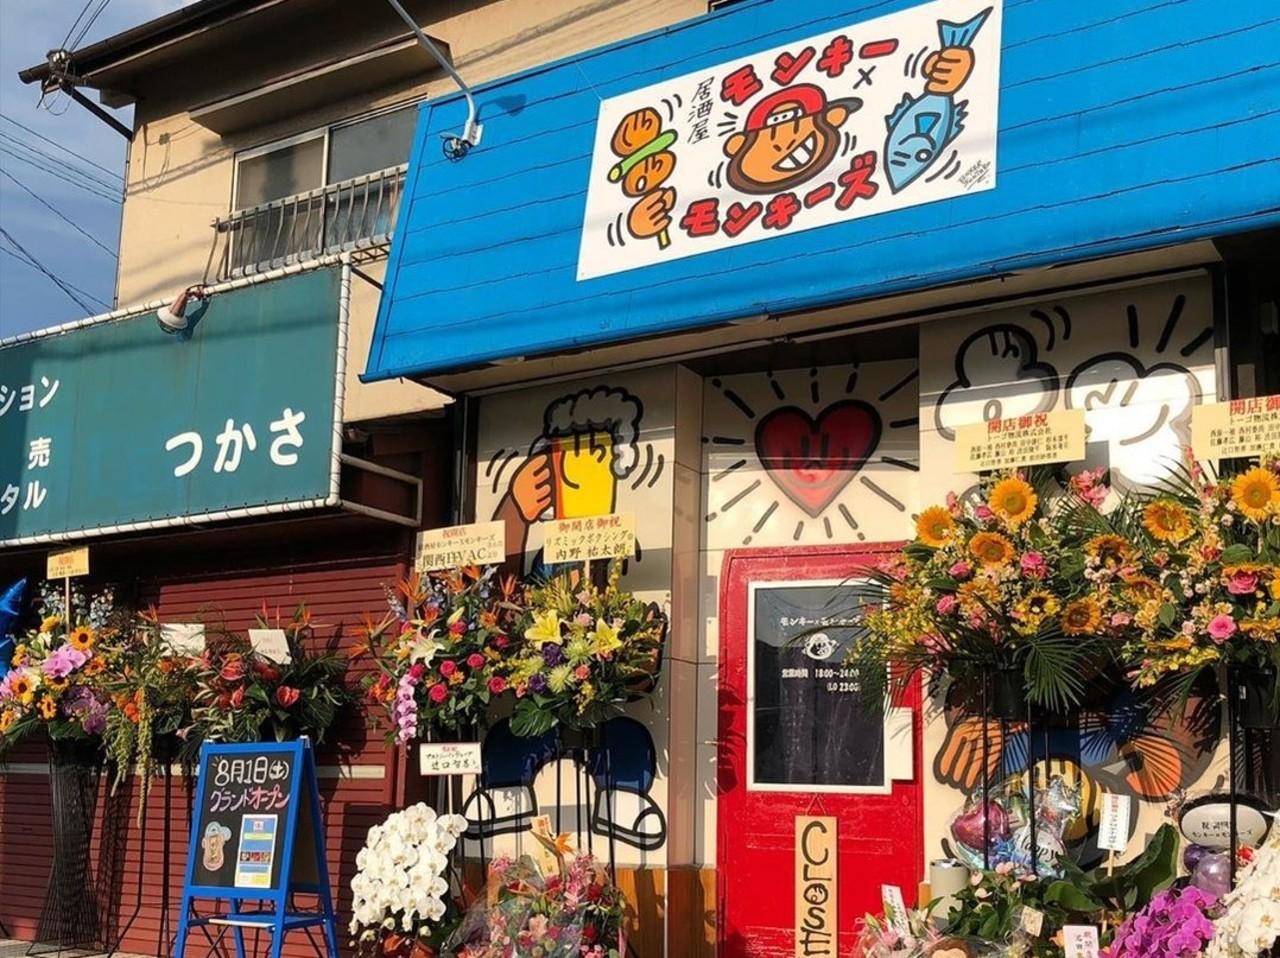 大阪府東大阪市日下町6丁目に居酒屋「モンキー×モンキーズ」が本日グランドオープンされたようです。